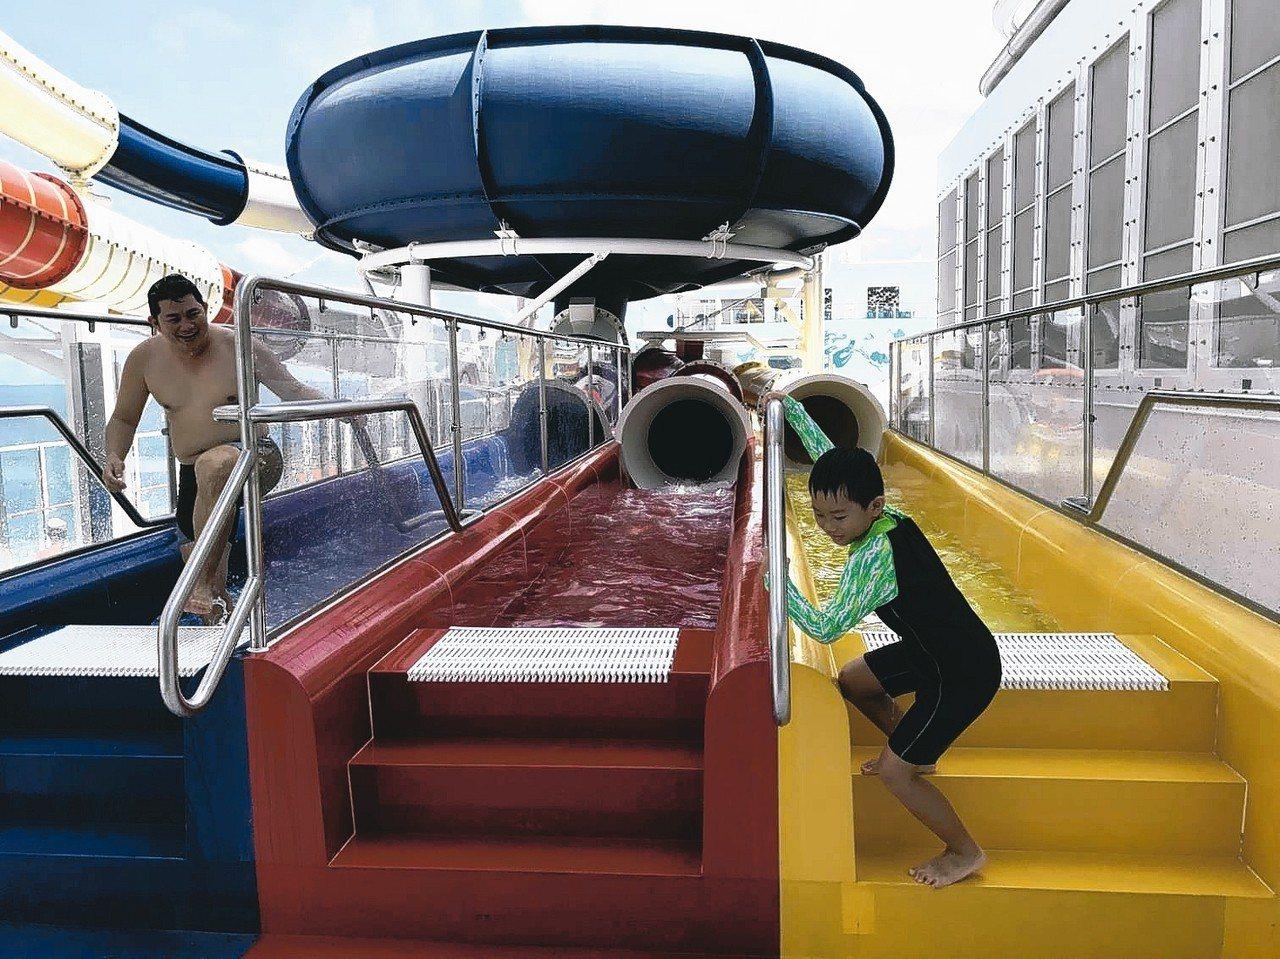 小朋友在船上碰到滑水道都瘋狂了。 記者葉君遠/攝影